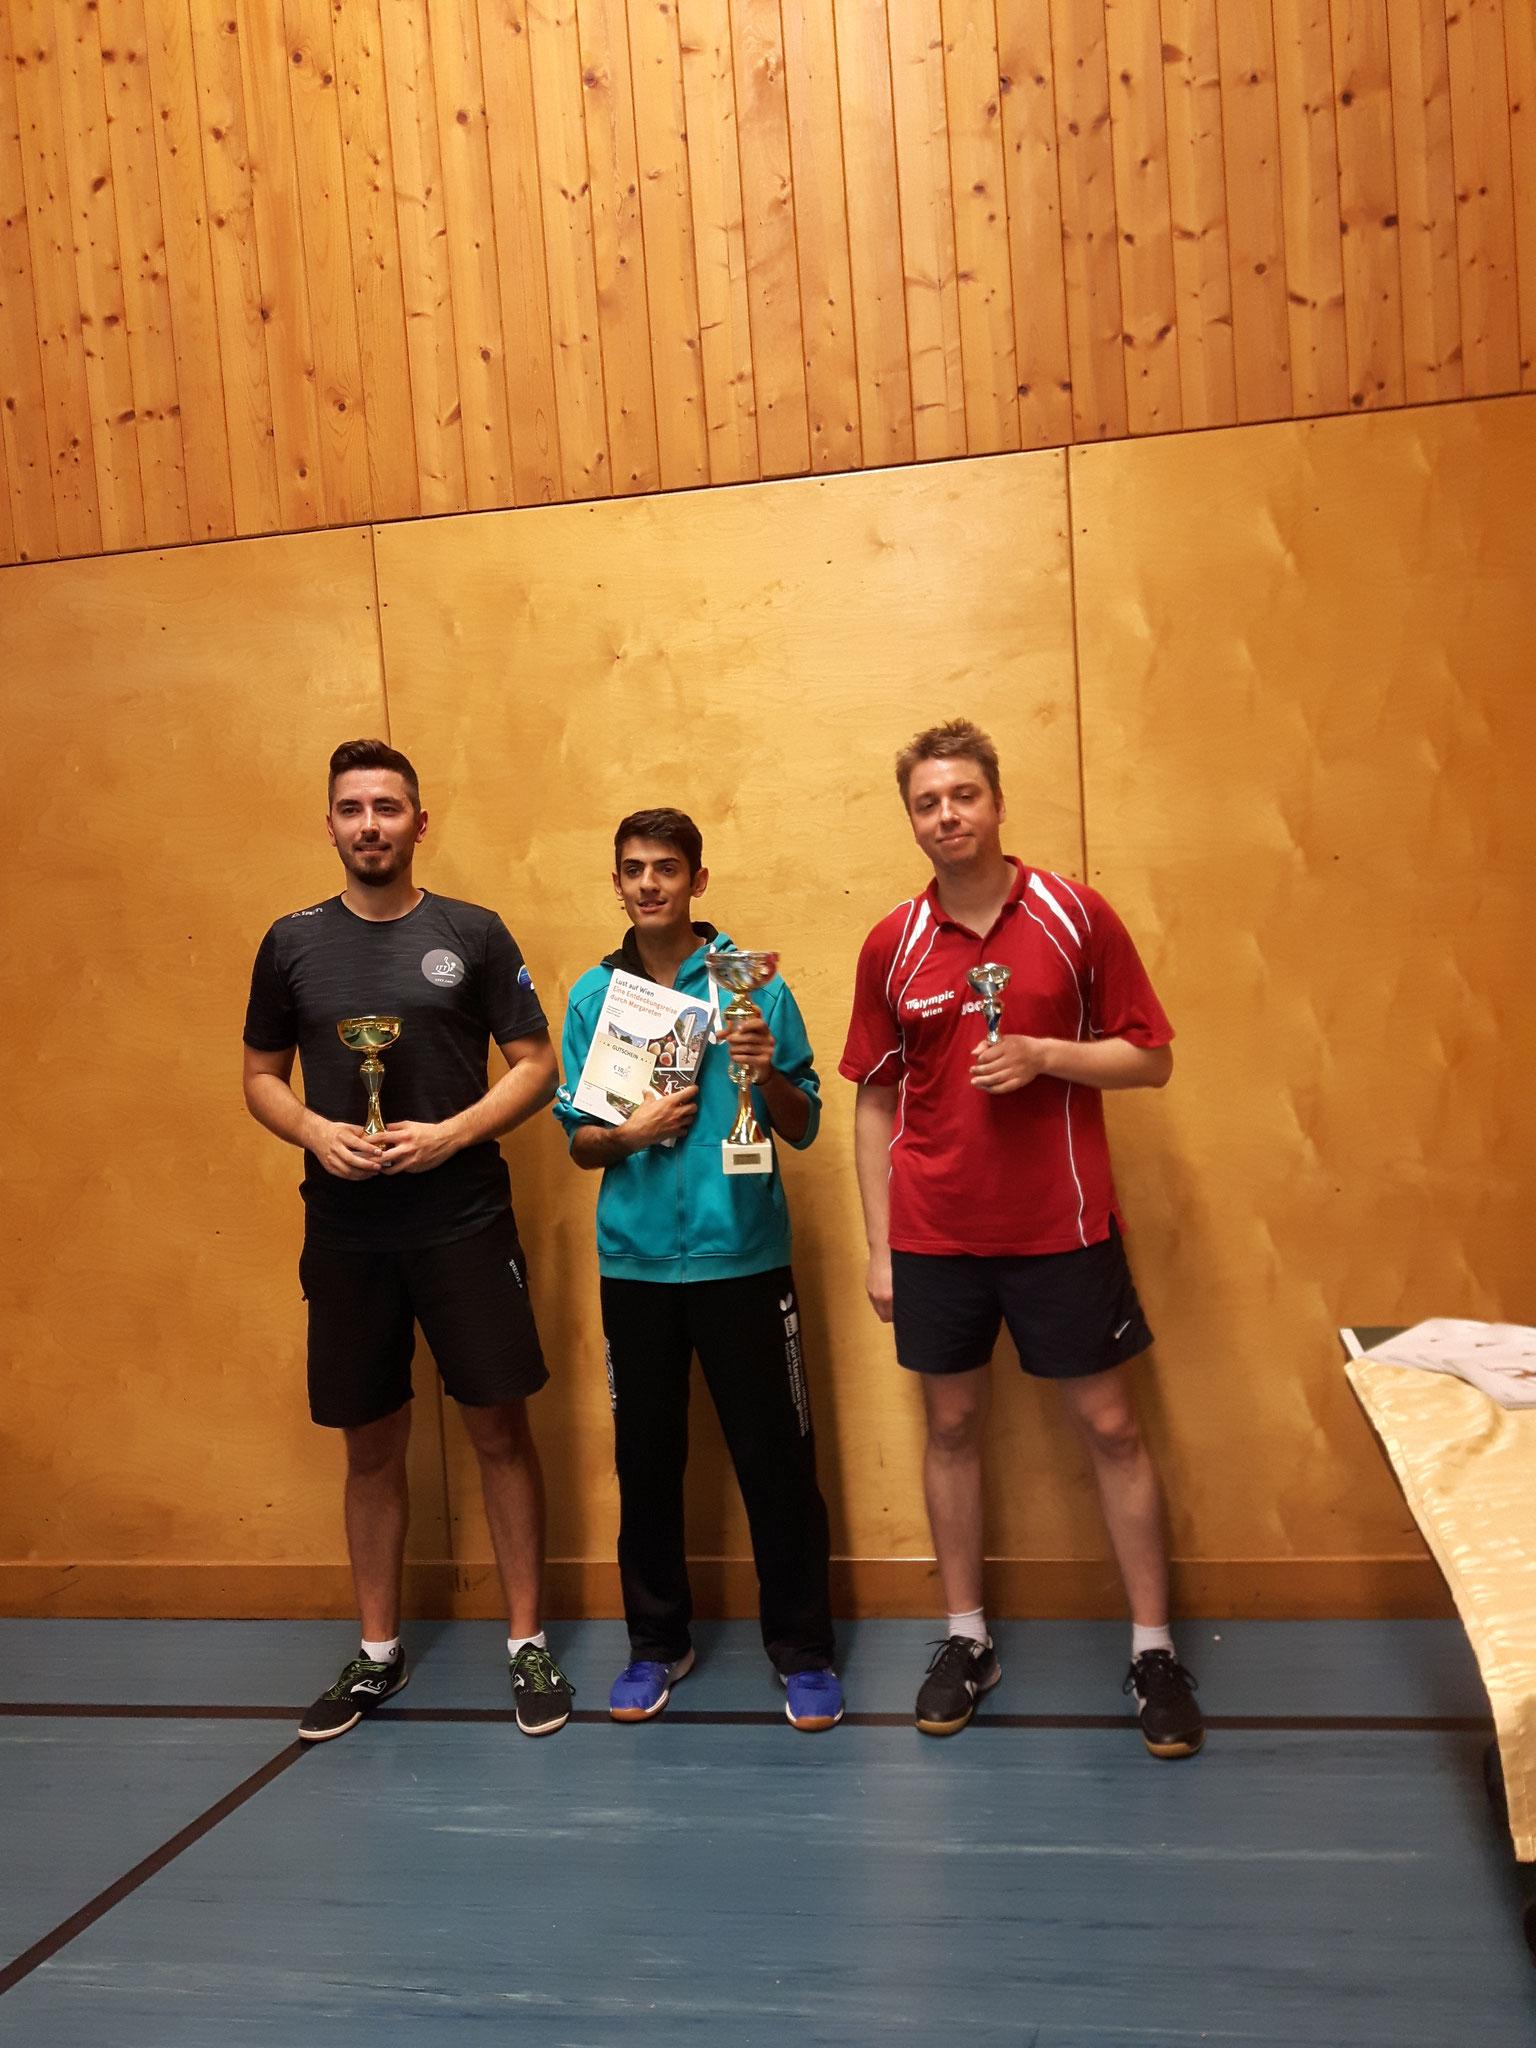 Siegerfoto Bewerb A: v.l.n.r. Jovan Stojsin (KOMP) (Platz 2), Ugljesa Lukic (Sieger), Johannes Steindl (OLY) (Platz 3)